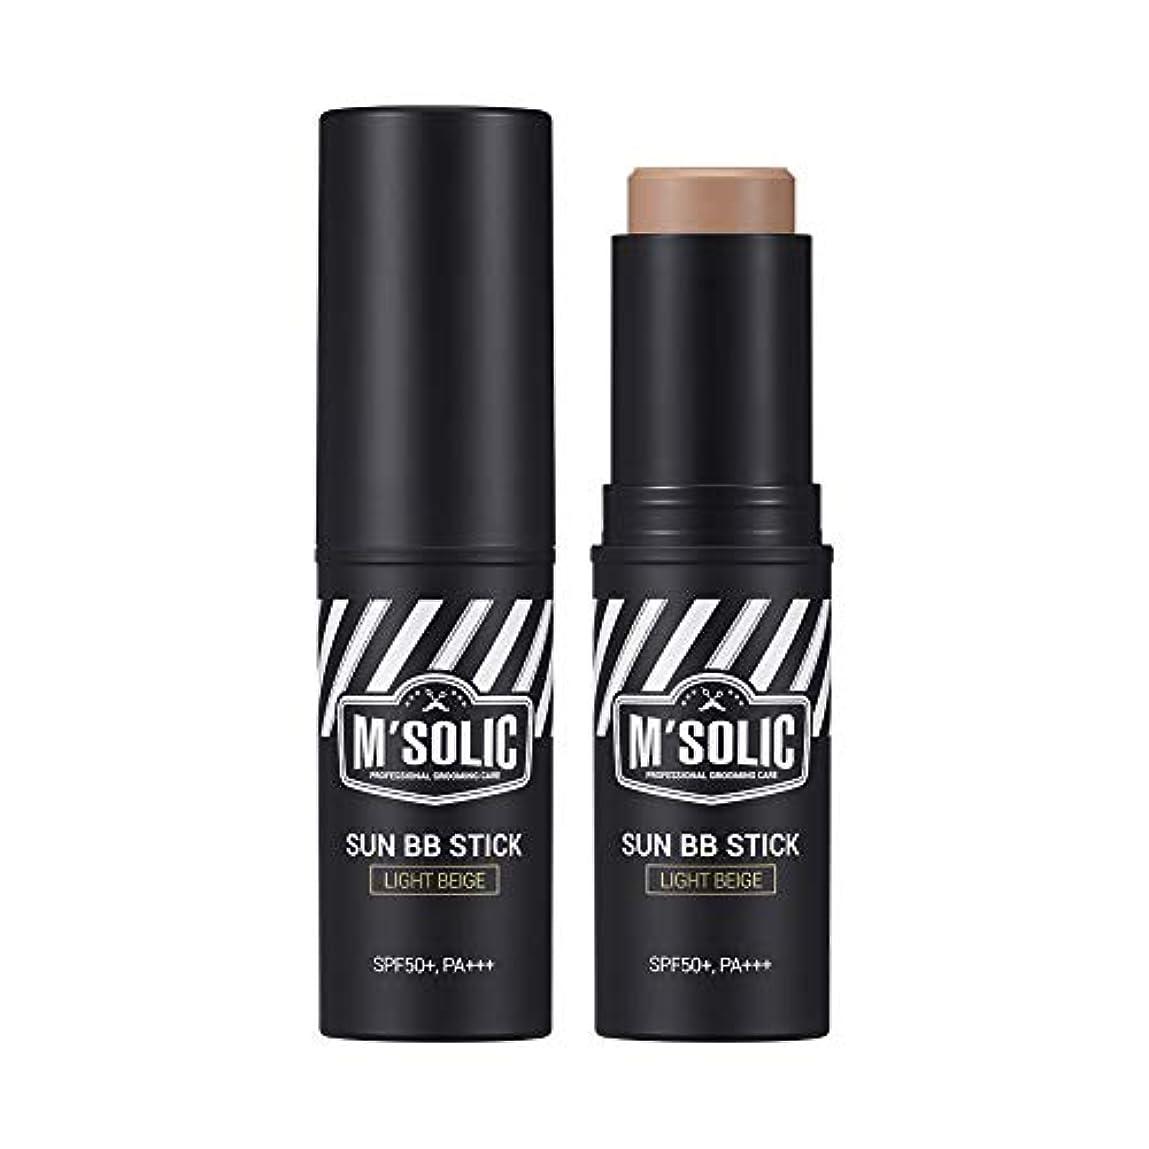 タックル将来のシュリンク【SNP公式】 M'SOLIC サン BBスティック/M'SOLIC SUN BB STICK_ LIGHT BEIGE メンズ 韓国コスメ BBスティック サンブロック トーンアップ 男性 スキンケア グルーミング